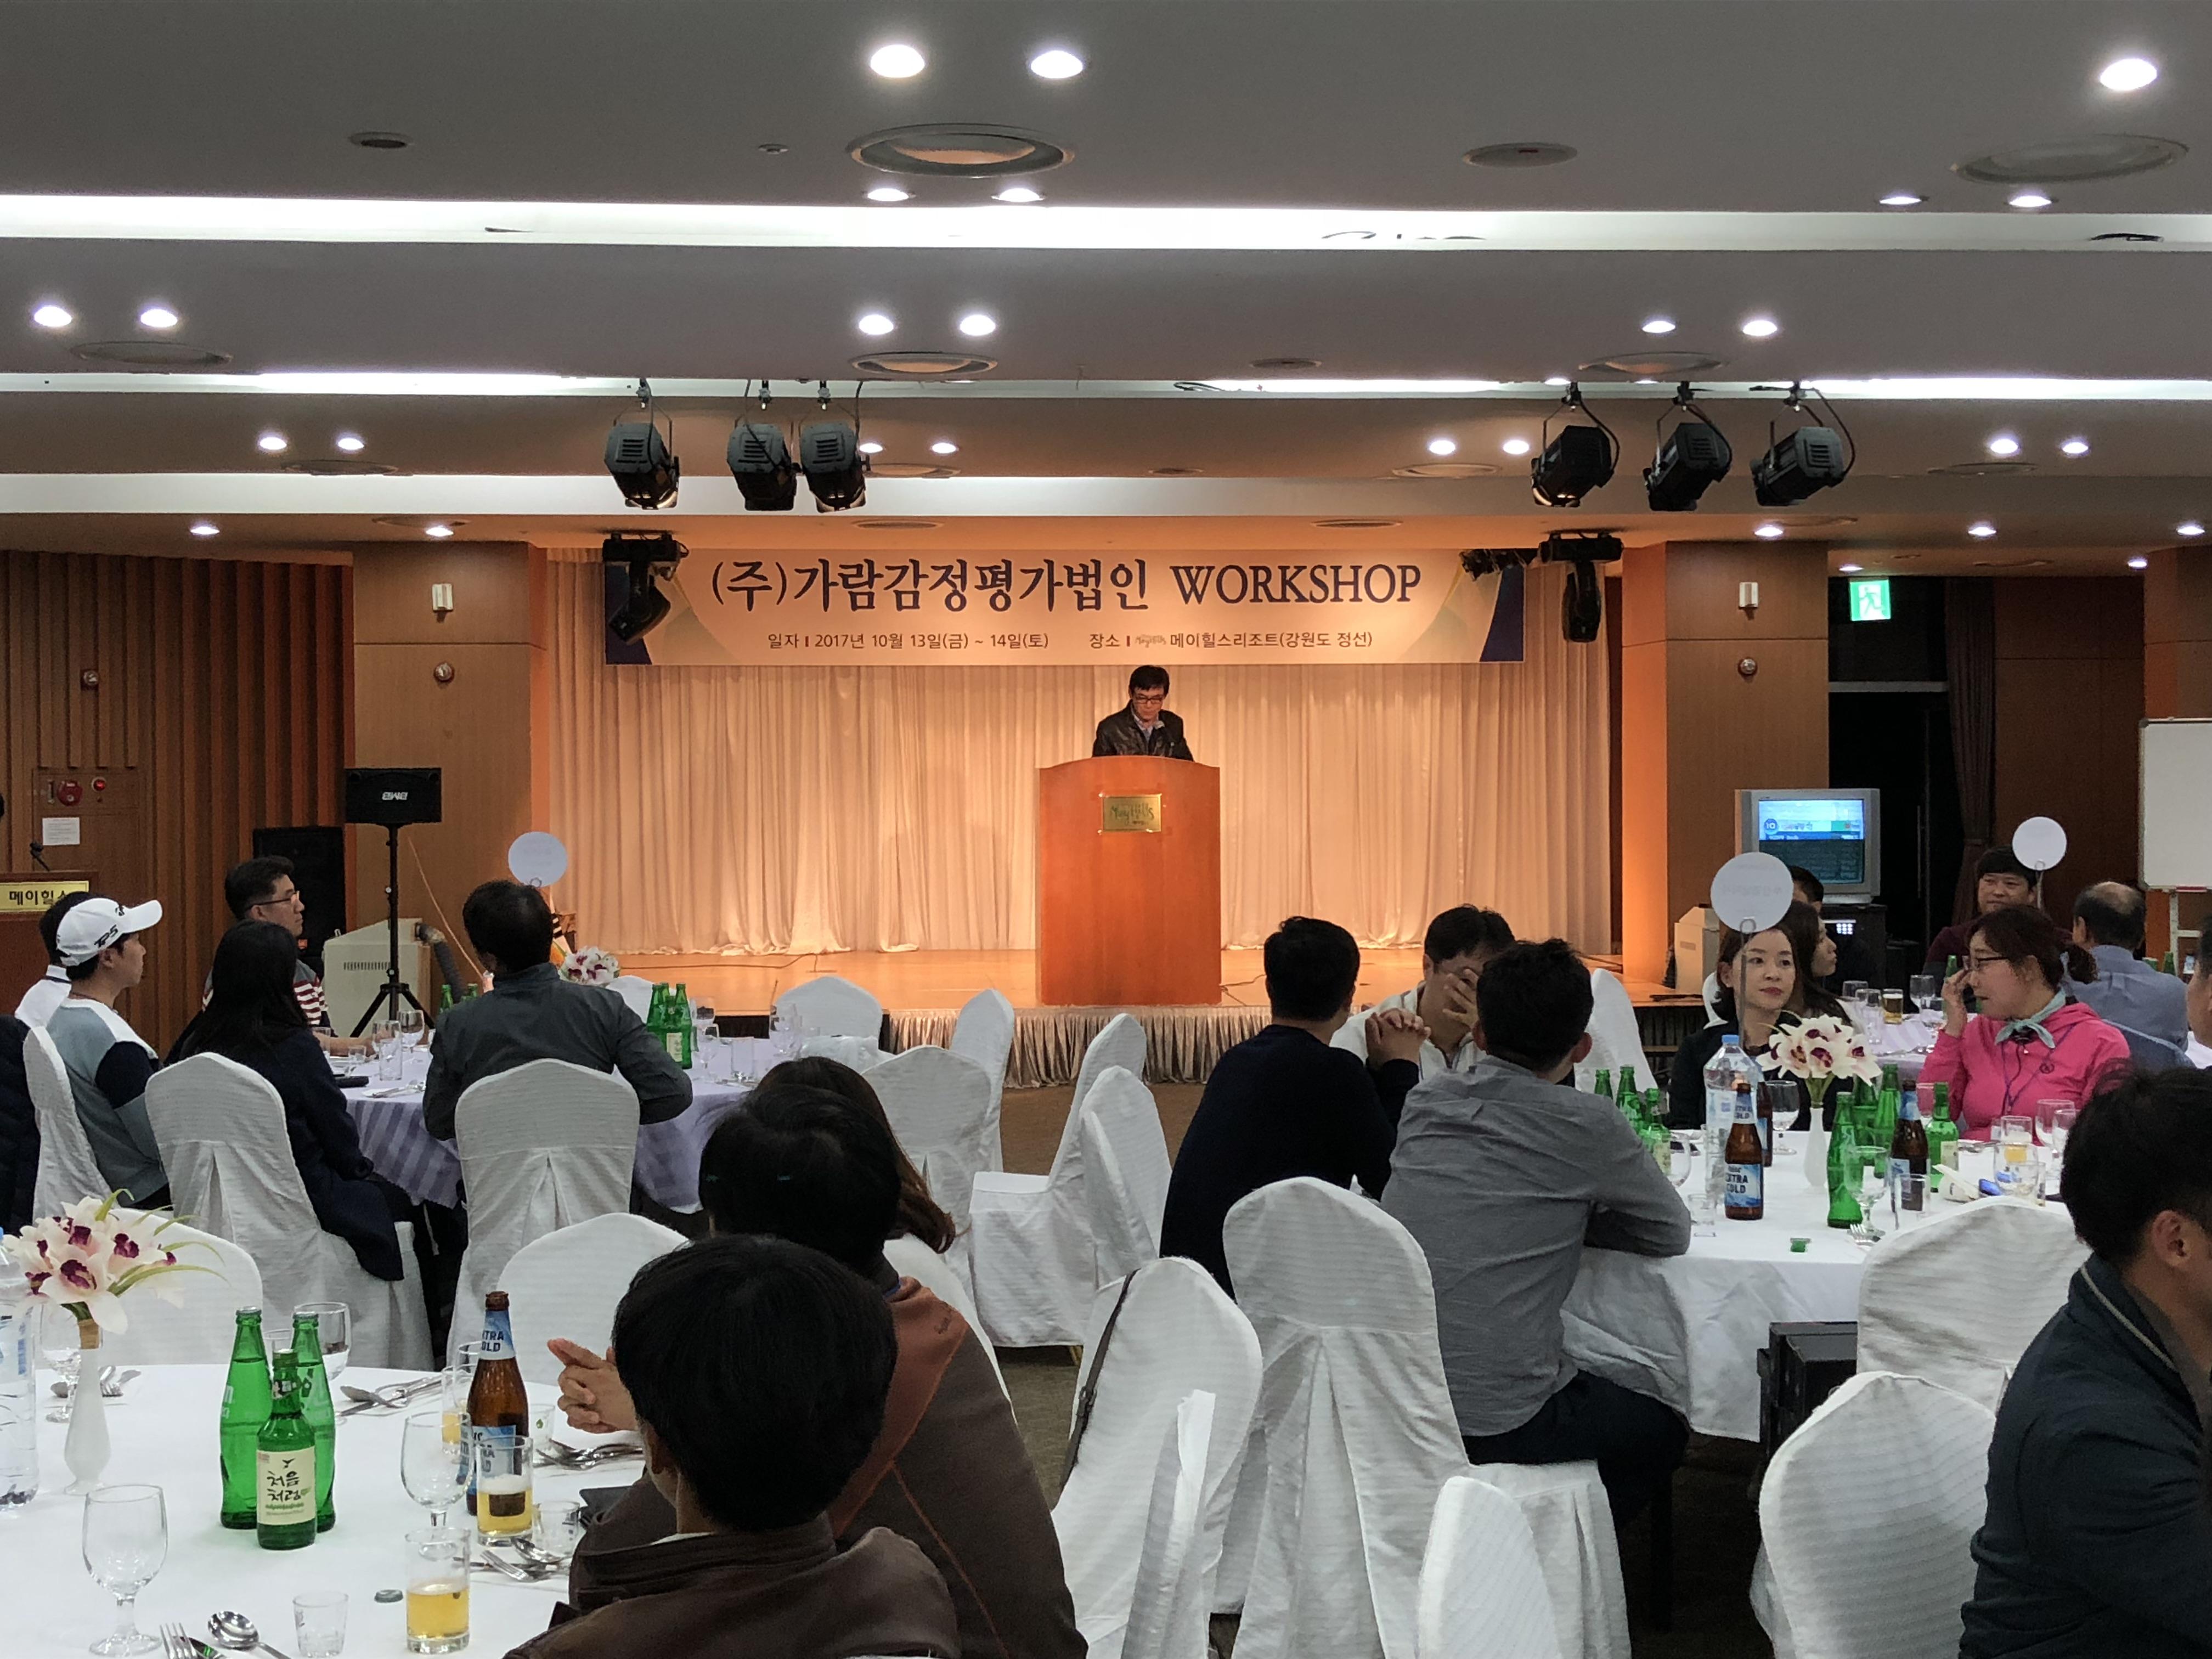 2017년 10월 13일 (주)가람감정평가법인 WORKSHOP 개최